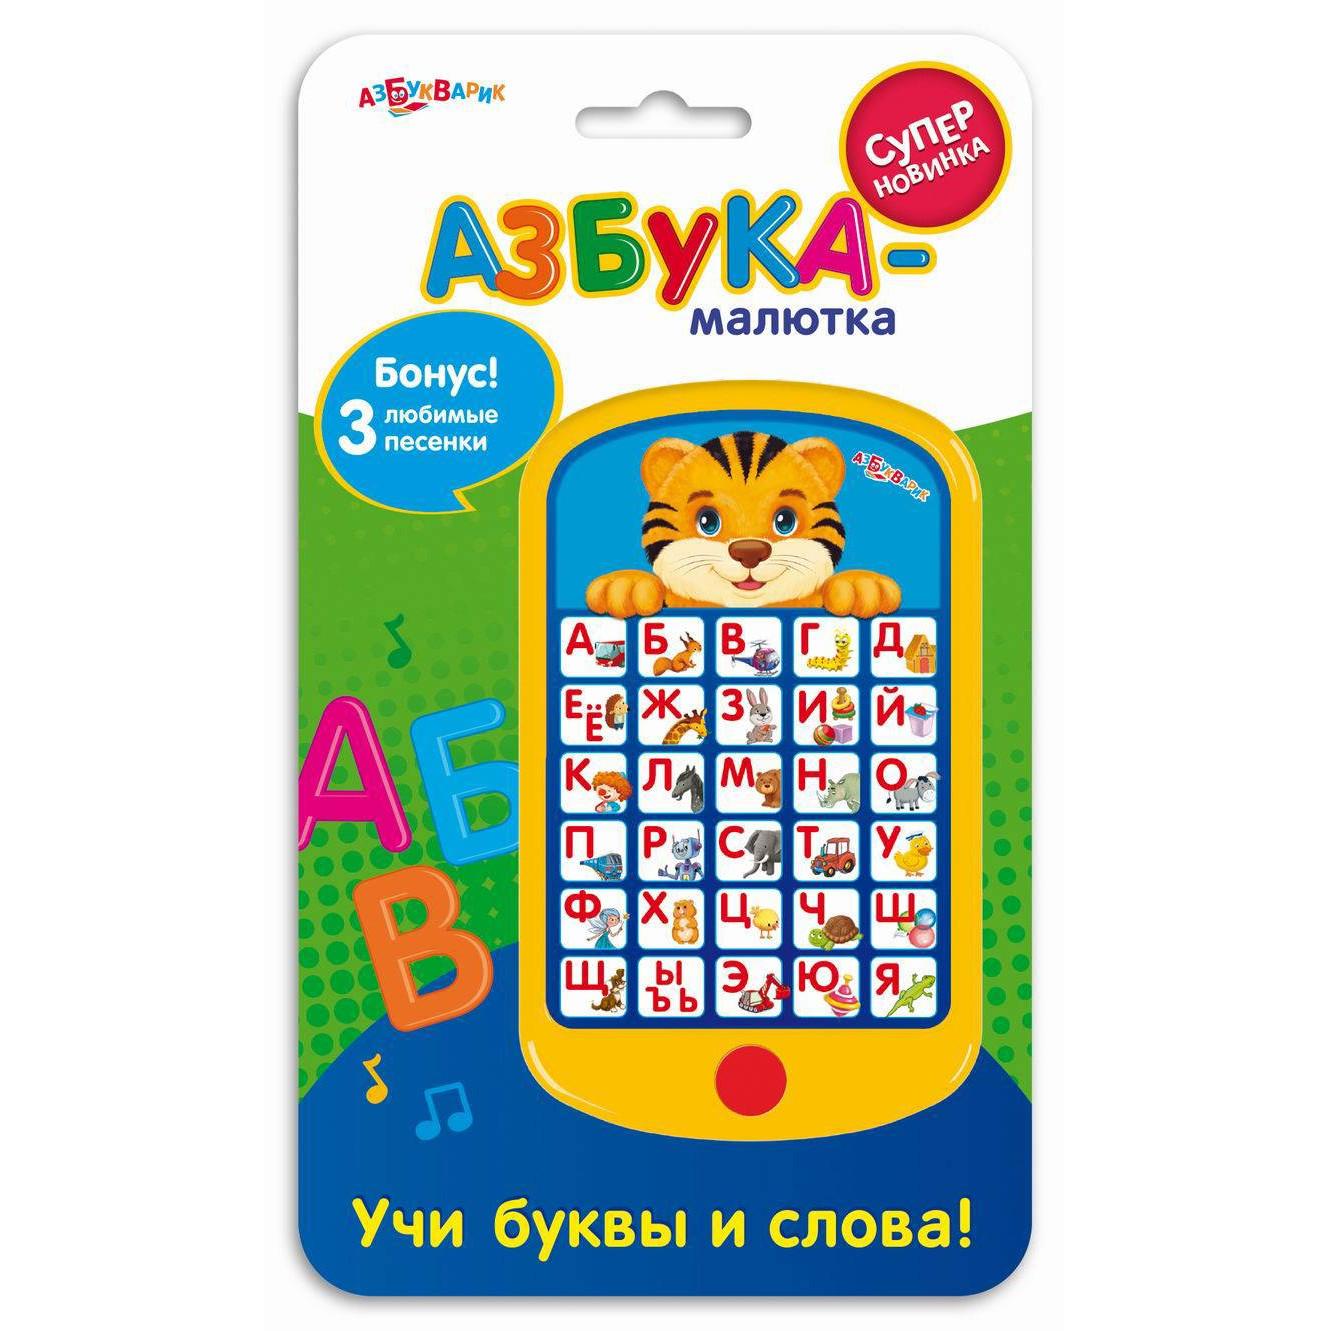 Азбука-малютка «Учи буквы и слова!»Говорящие планшеты<br>Азбука-малютка «Учи буквы и слова!»<br>